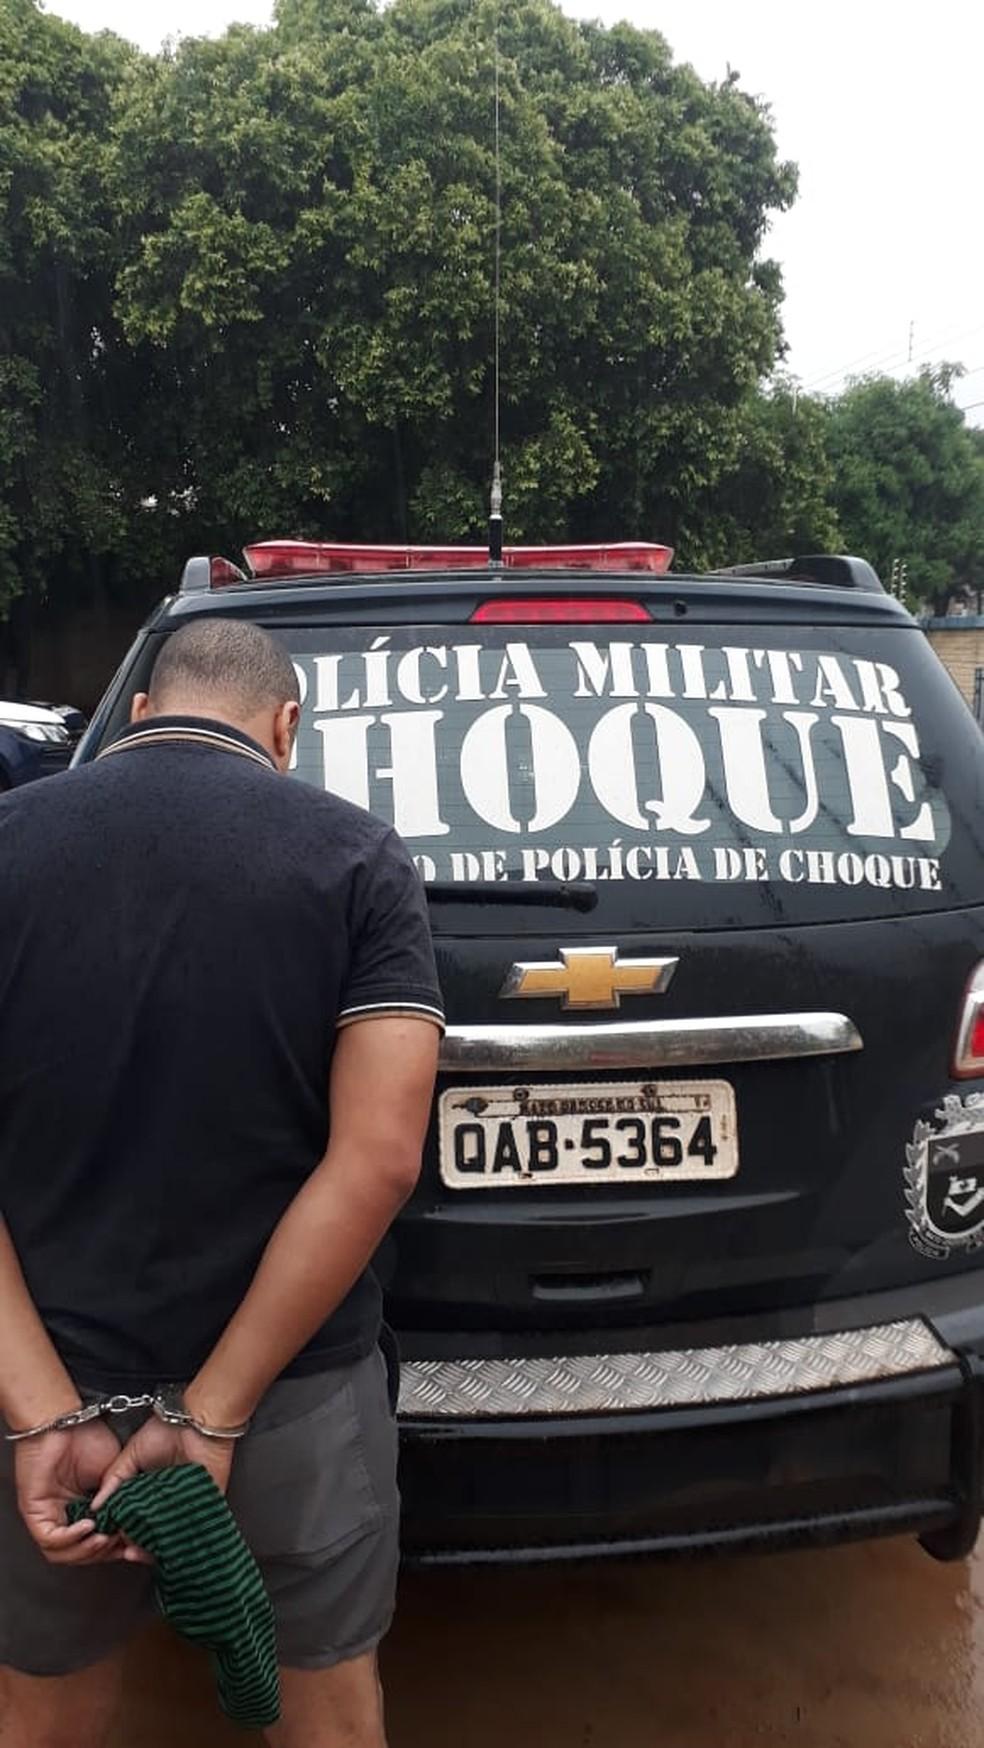 Polícia prendeu suspeitos em ação com 14 alvos em MS — Foto: Polícia Militar/Divulgação